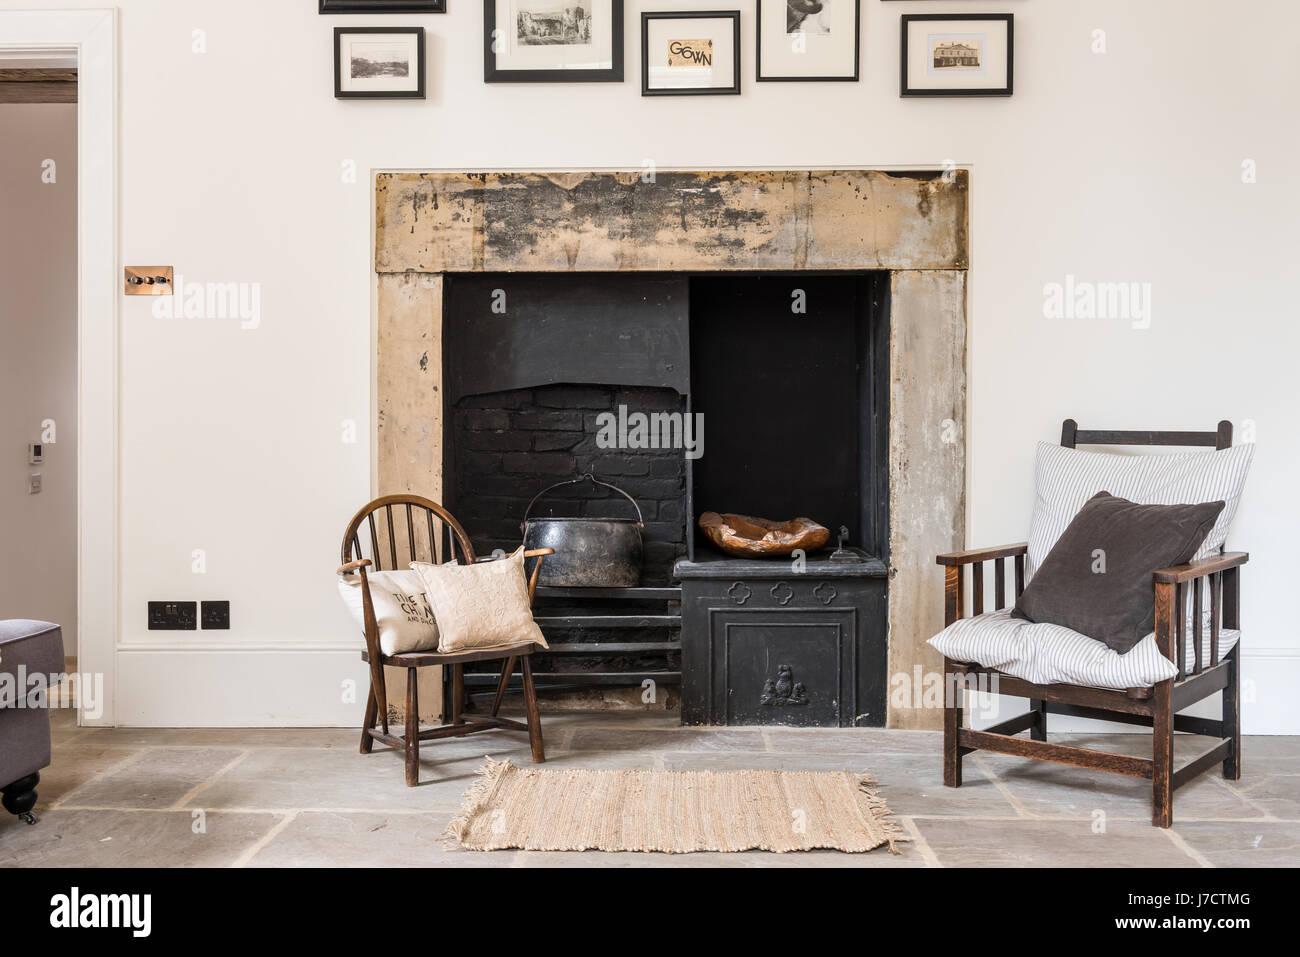 Schon Original Kamin Im Wohnzimmer Mit Steinplatten Bodenbelag Und Alten Windsor  Stuhl